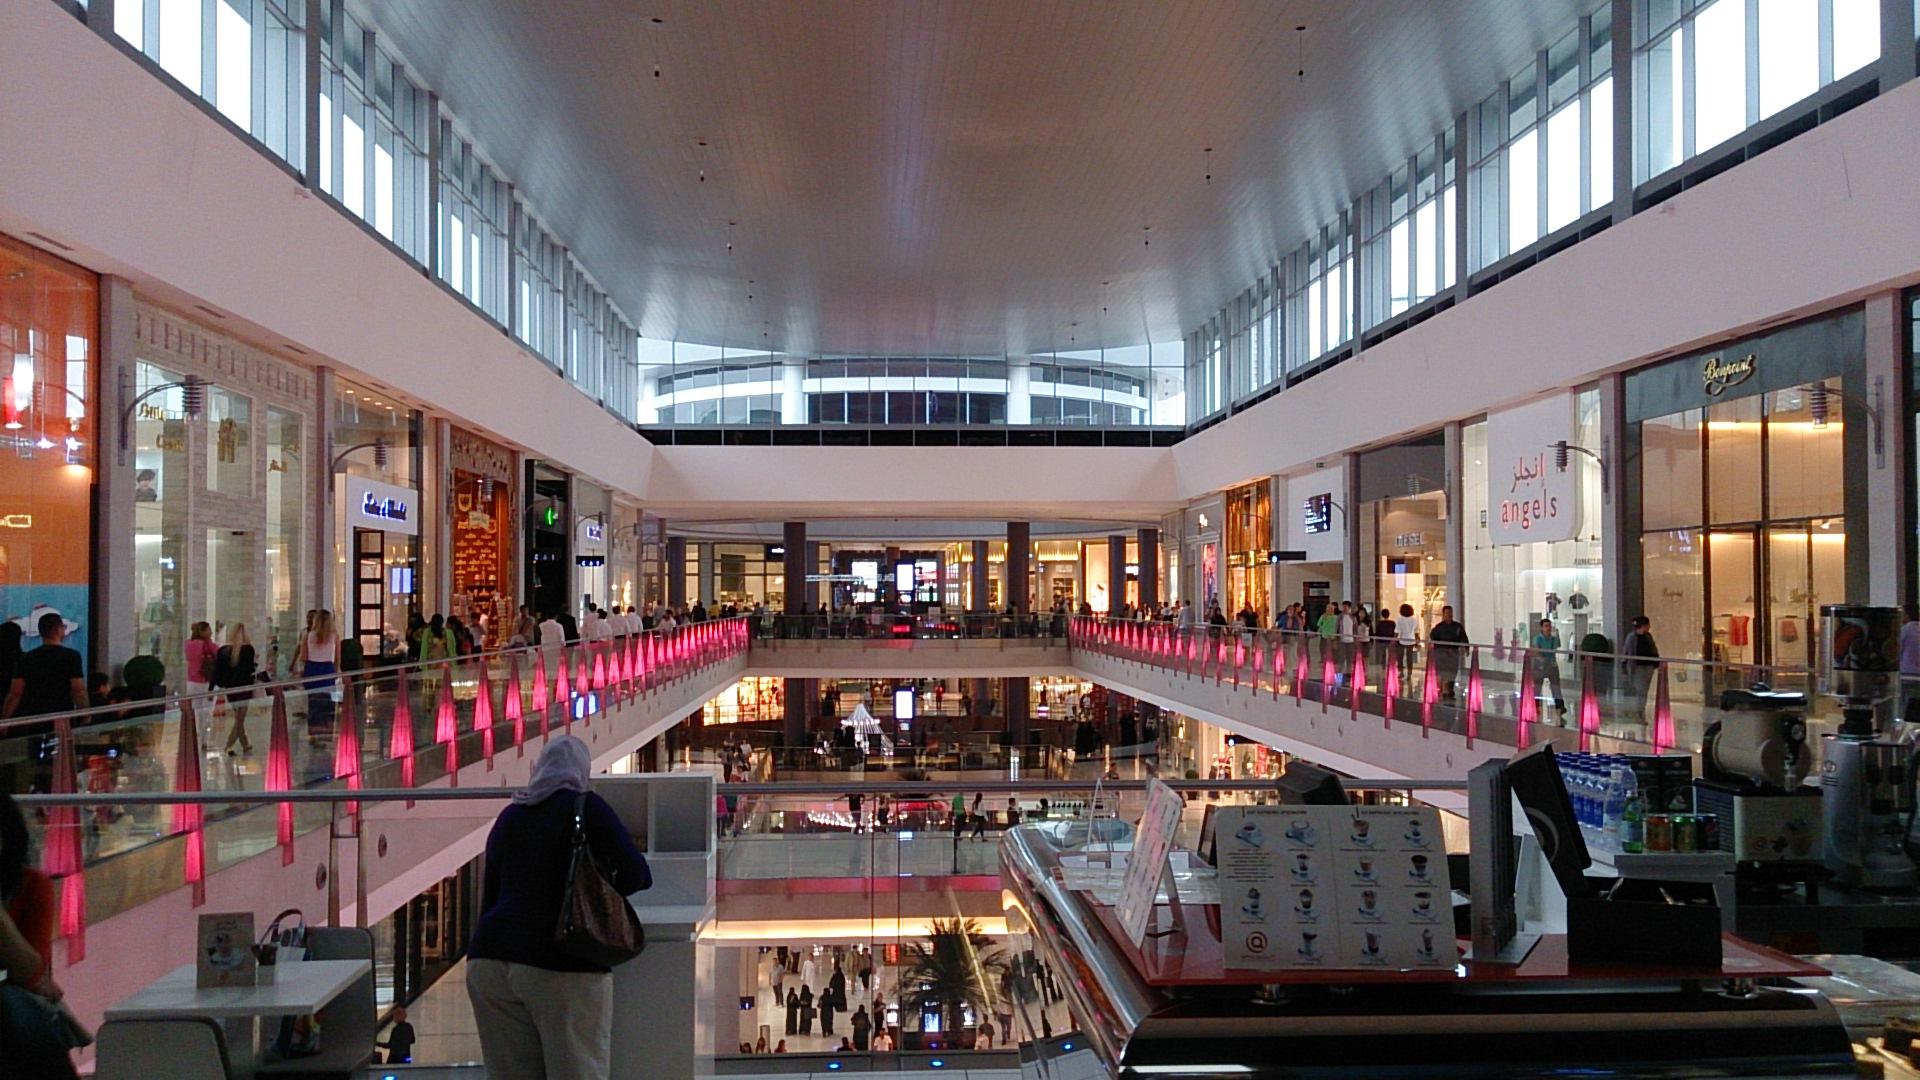 世界最大のショッピングモール「ドバイ・モール」~バルセロナ・ドバイ旅行記15~